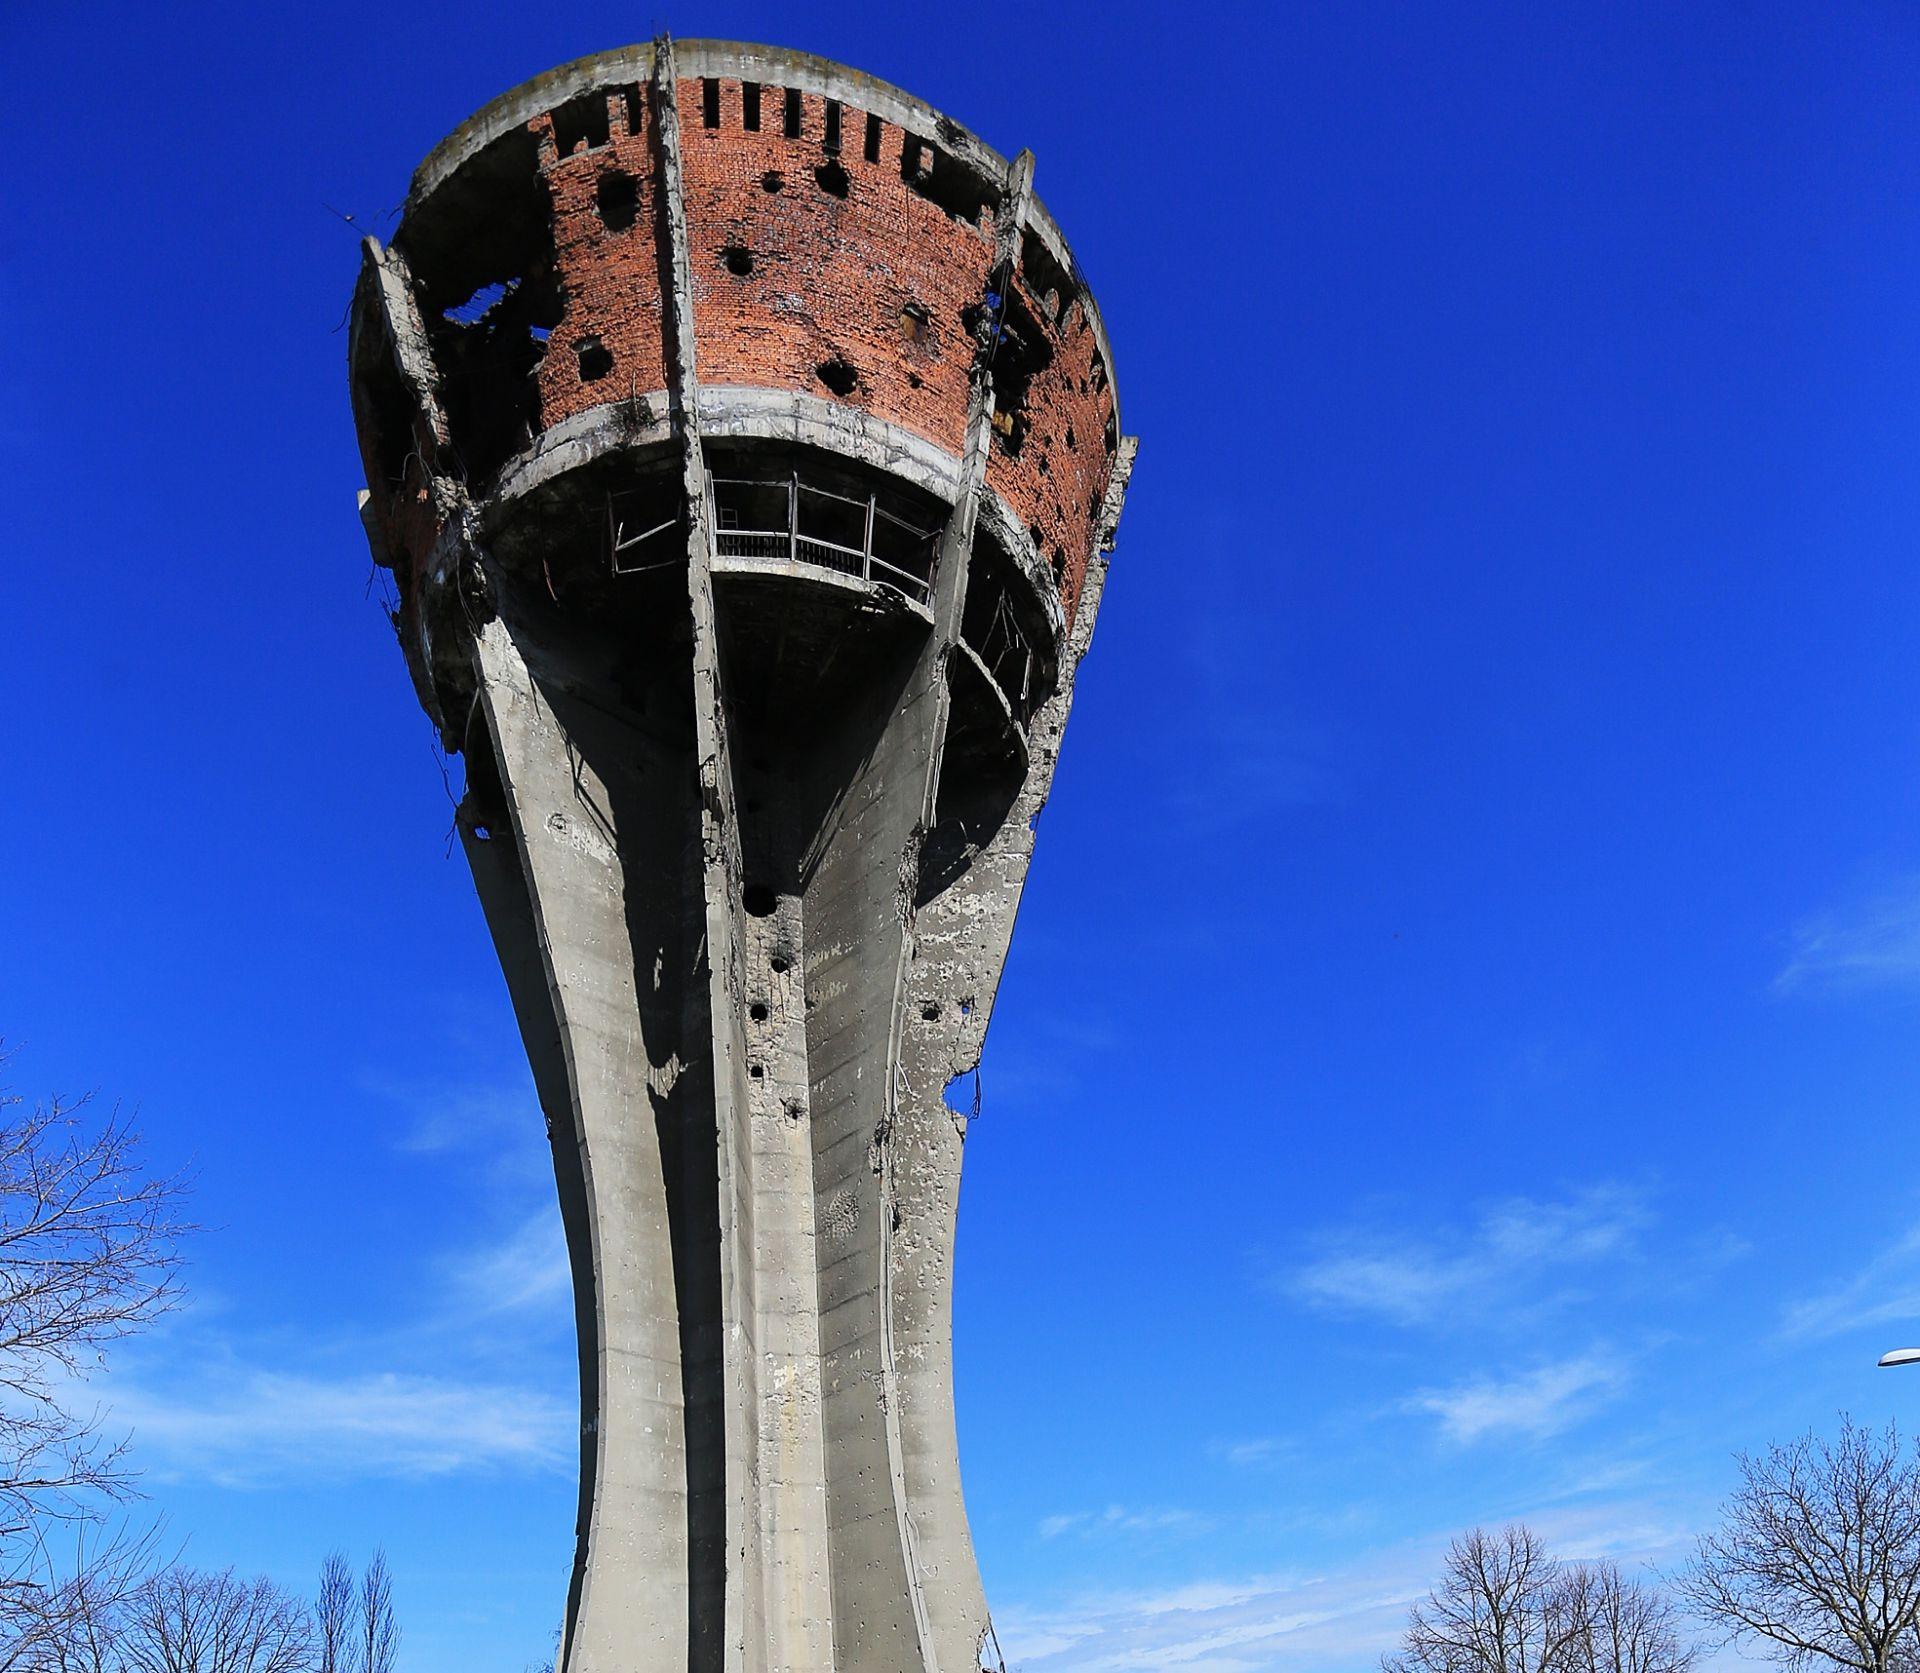 DONACIJA GRADA OSIJEKA: 150 tisuća kuna za obnovu vukovarskog vodotornja